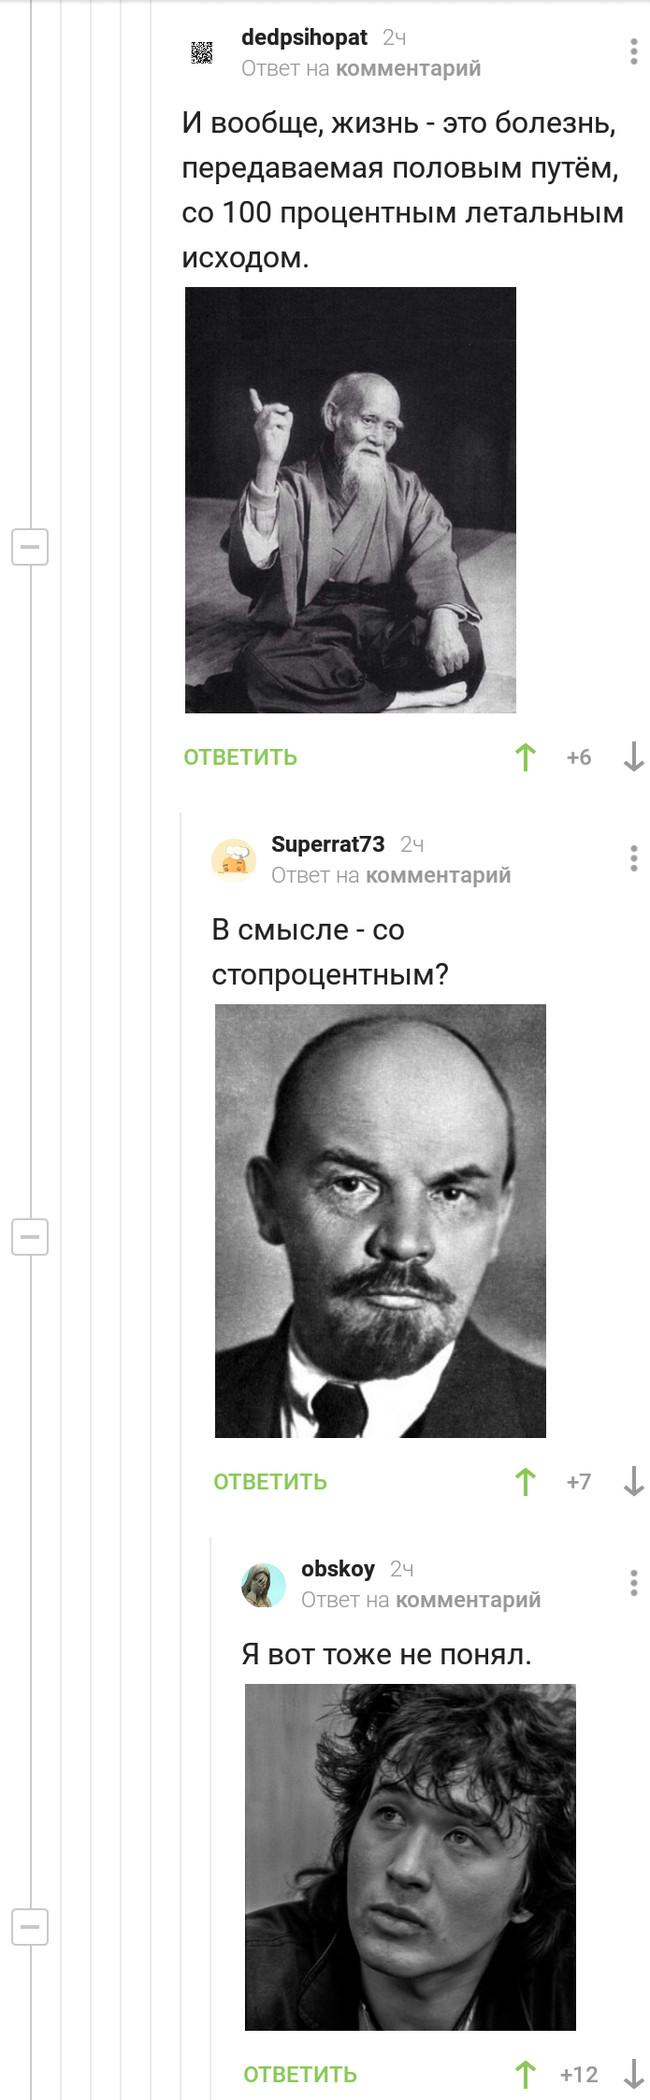 Жил! Жив! Будет жить! Комментарии на Пикабу, Ленин, Цой, Юмор, Скриншот, Длиннопост